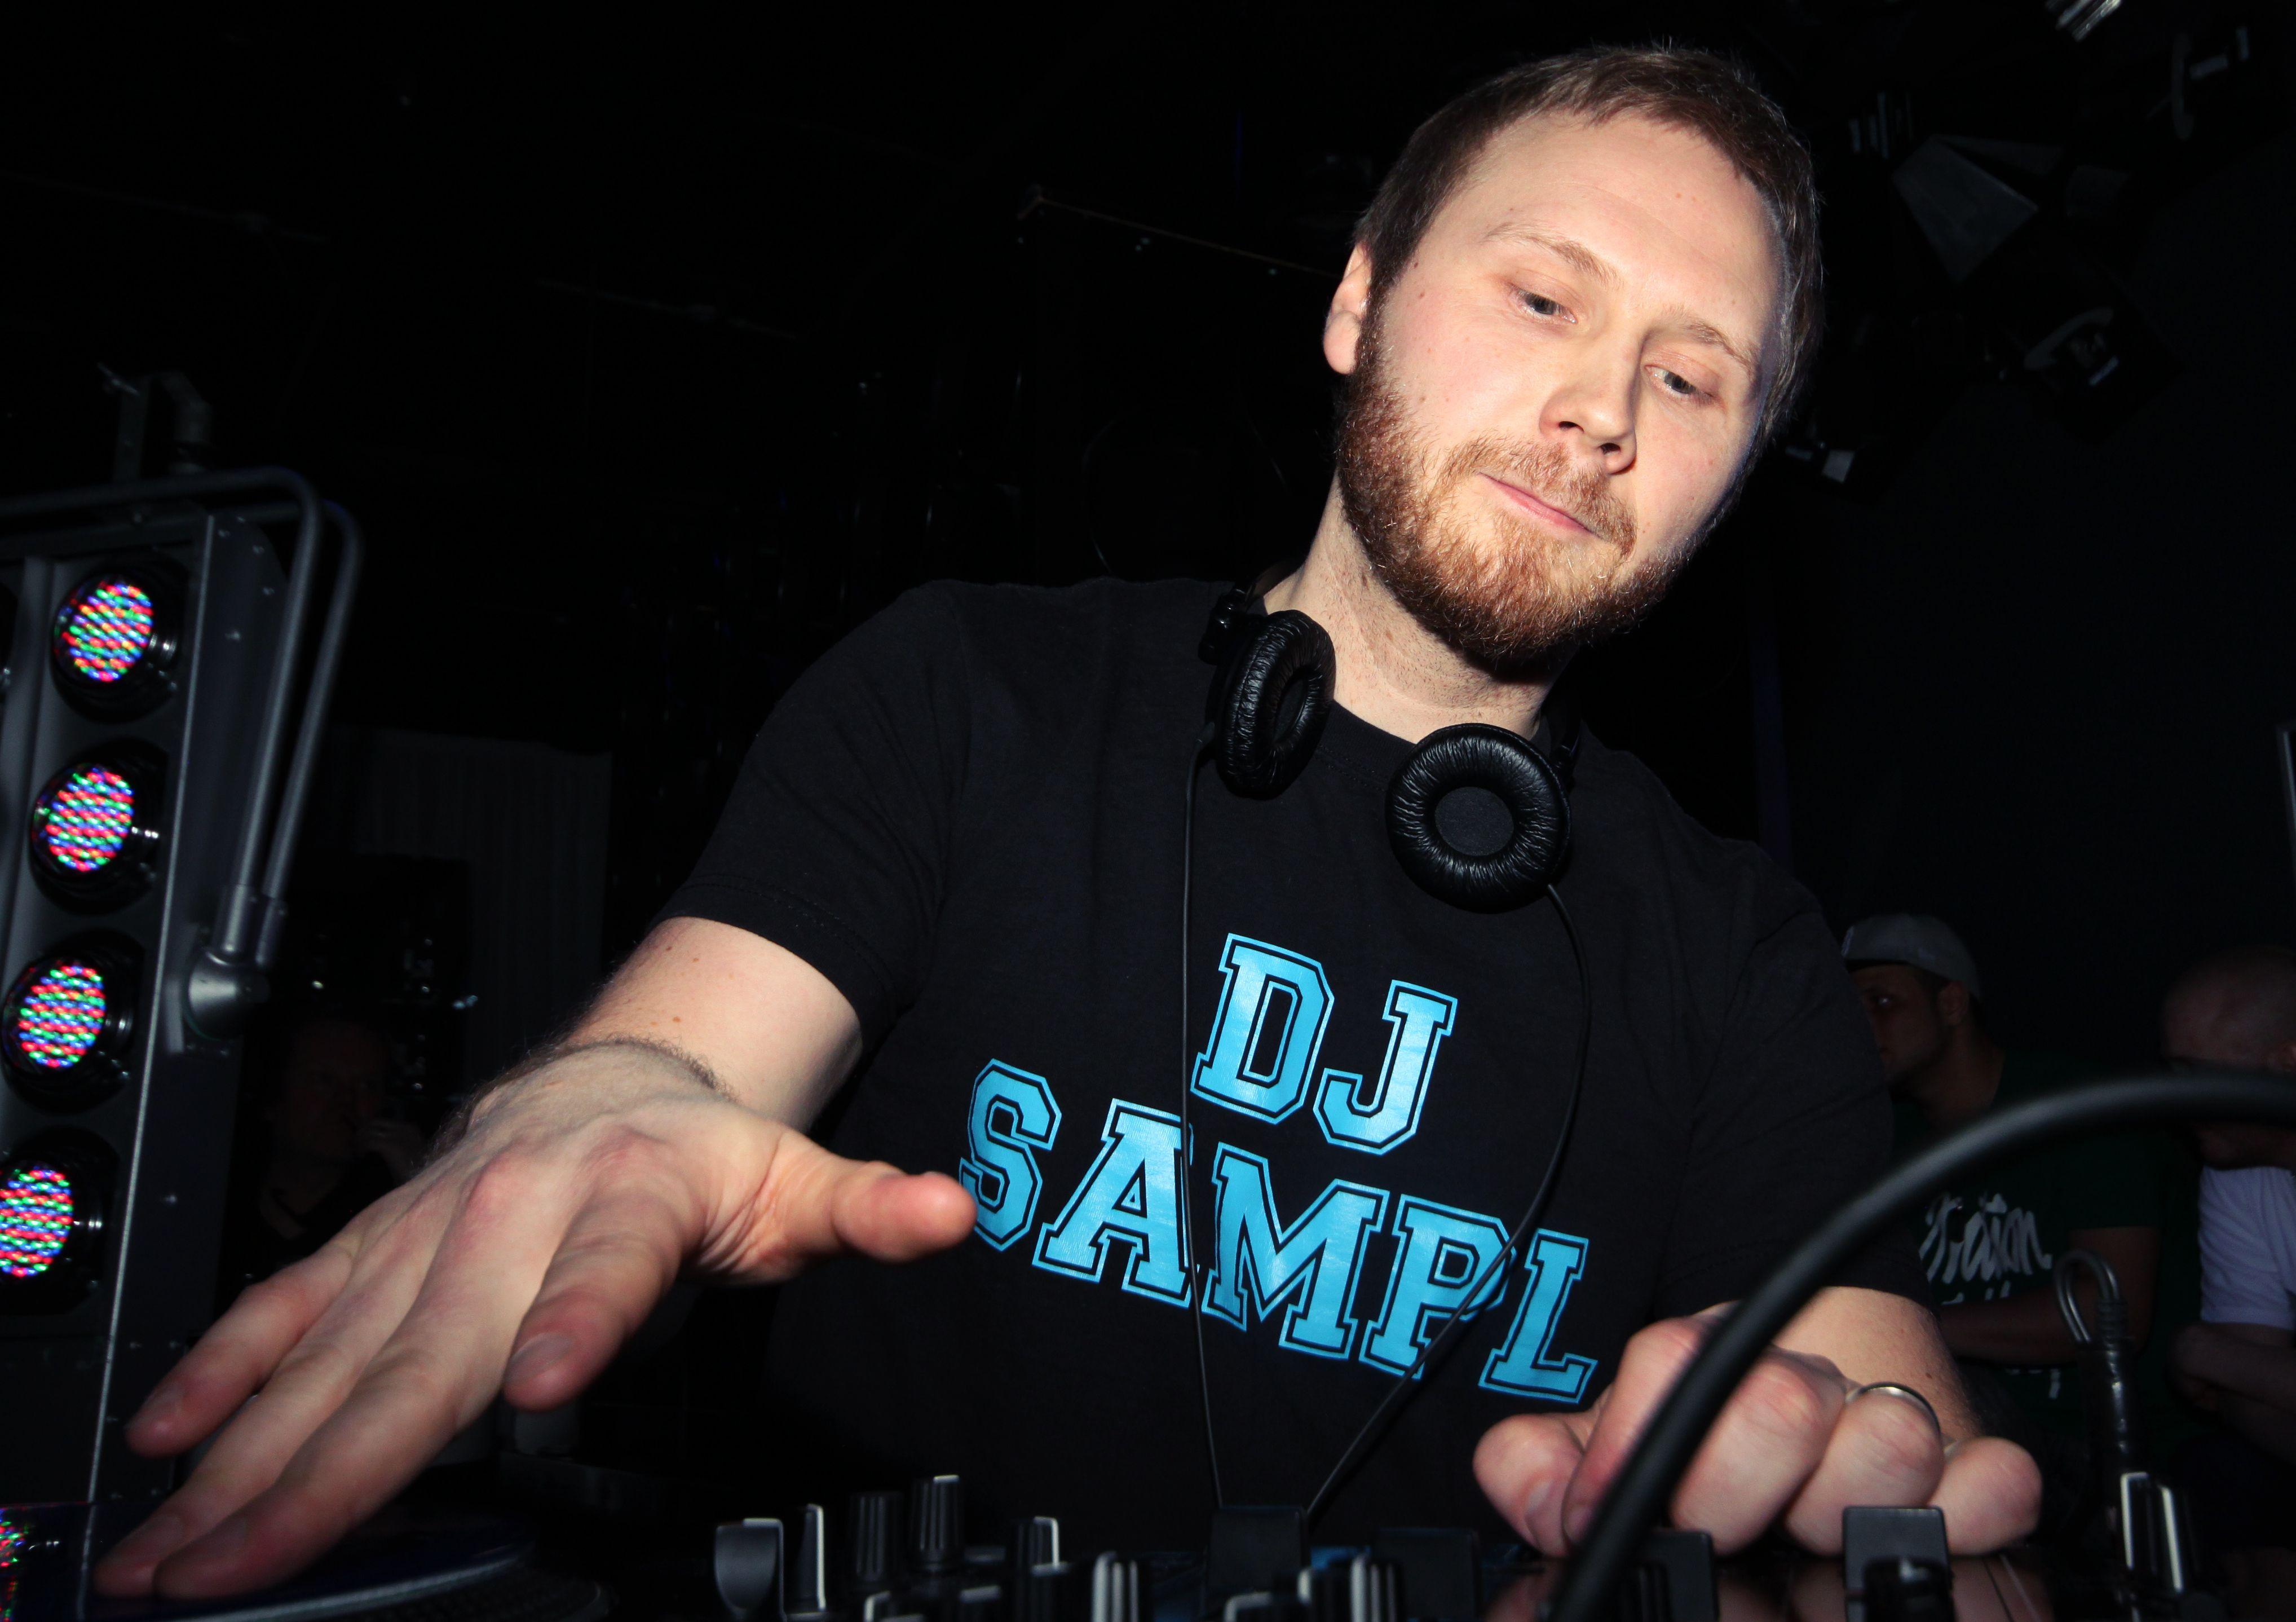 Radio NRJ:n tänä vuonna järjestämän DJ SM -kilpailun voittajaksi on hetki sitten selviytynyt tamperelainen DJ Sampl. Mestaruudesta taisteli Helsingin Onnelassa yhdeksän finalistia, jotka valittiin ympäri Suomea kiertäneistä osakilpailuista.